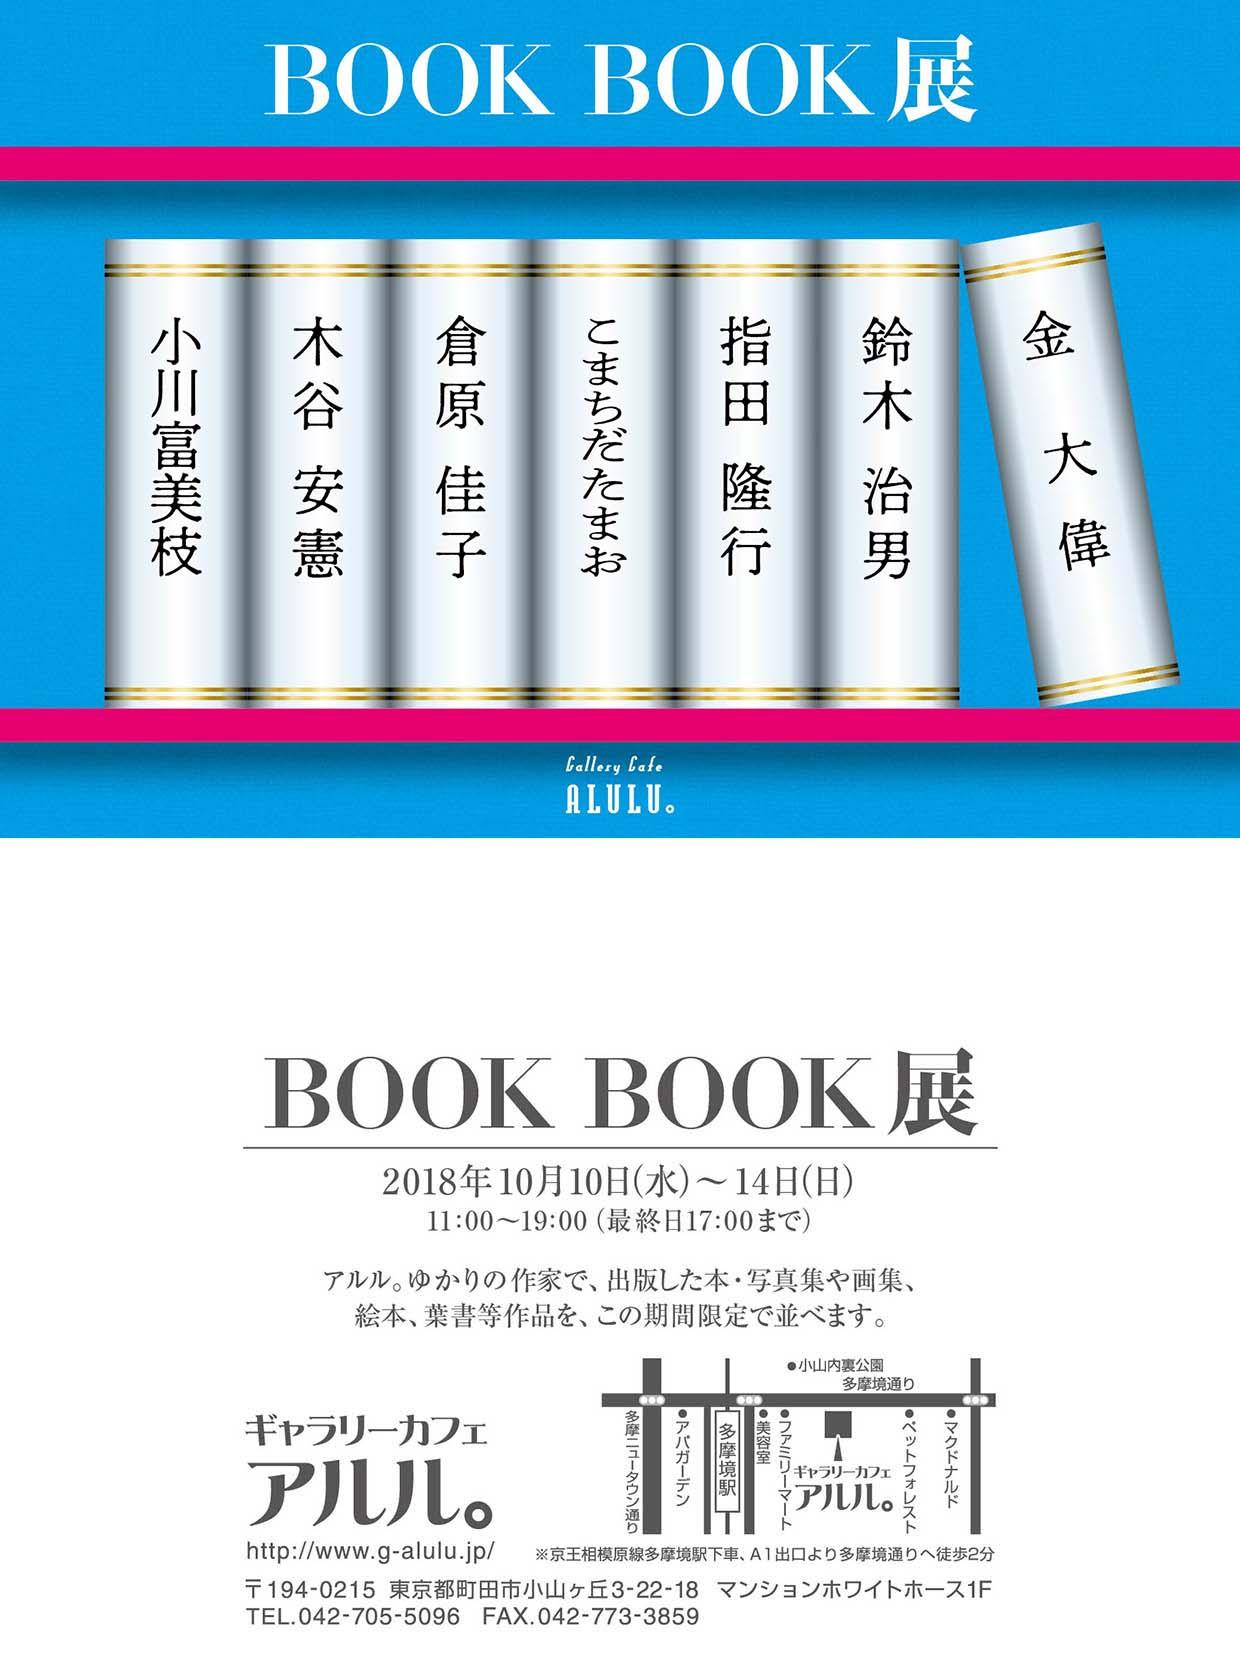 BOOK BOOK展